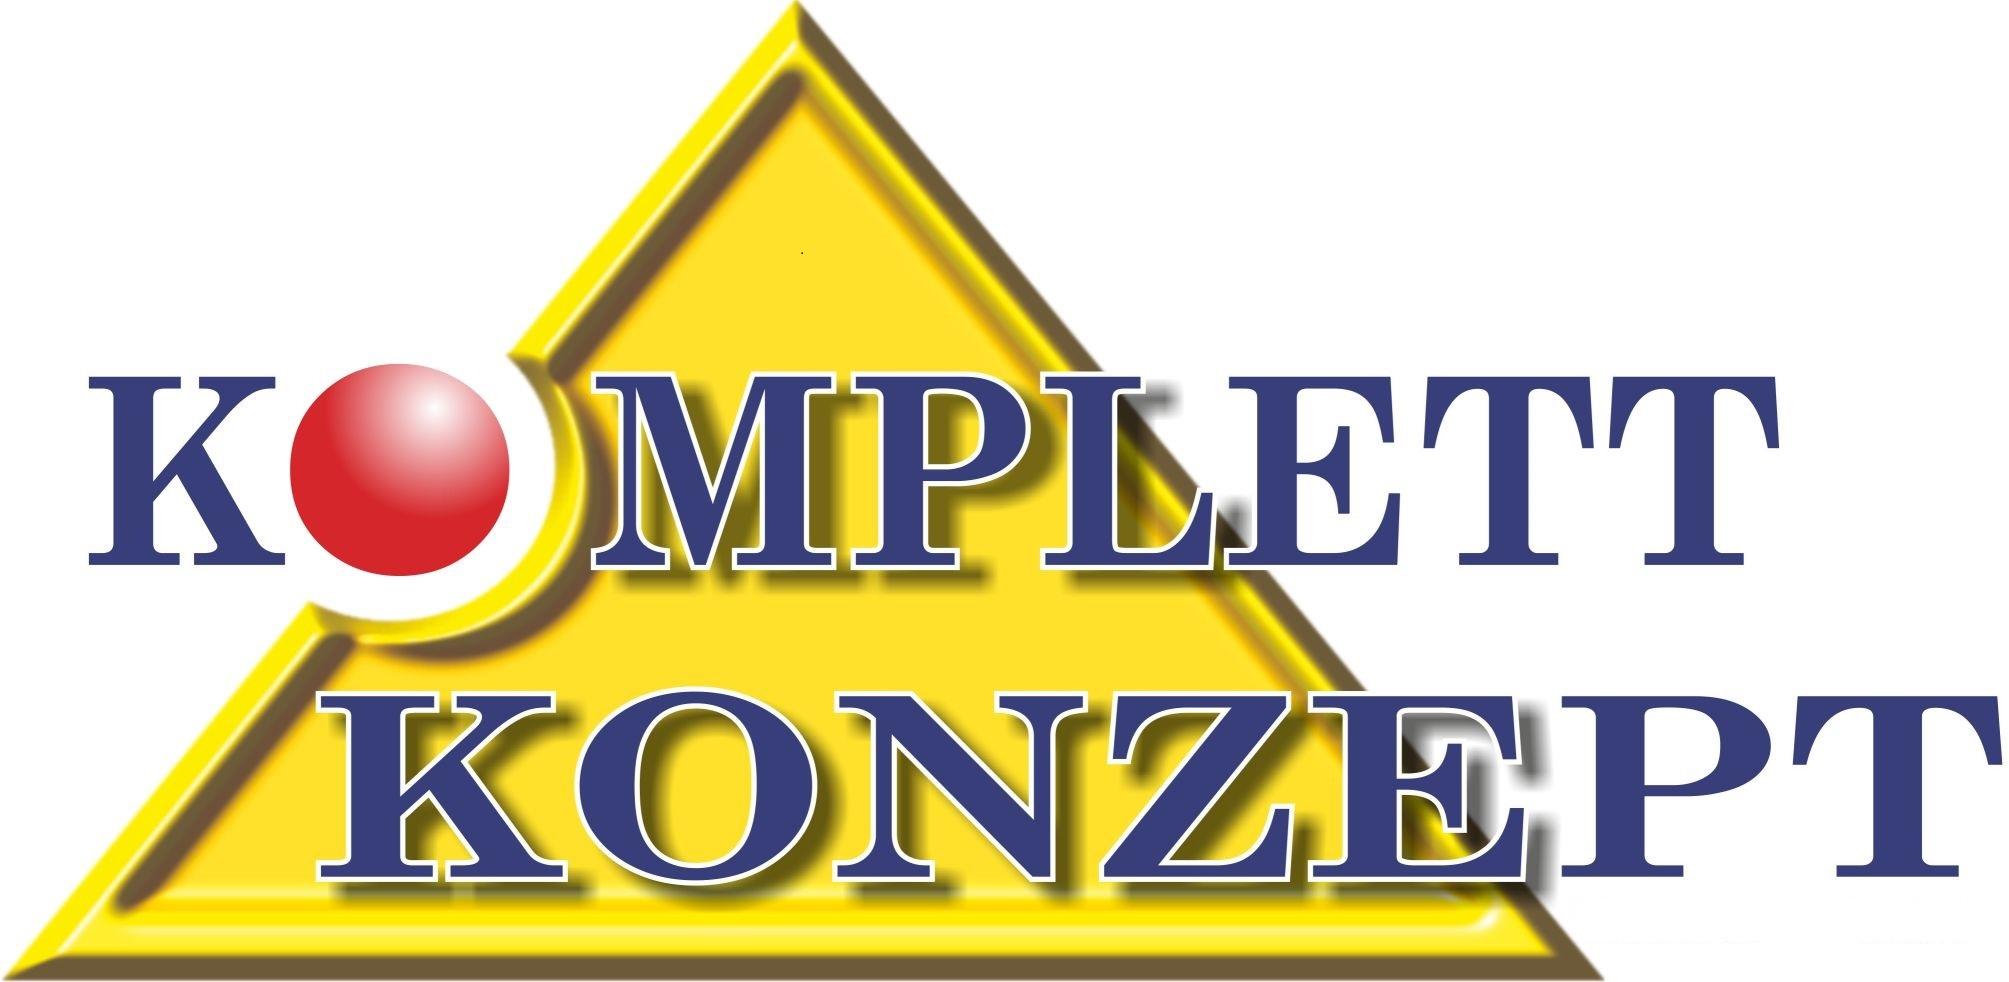 Komplett Konzept Logo